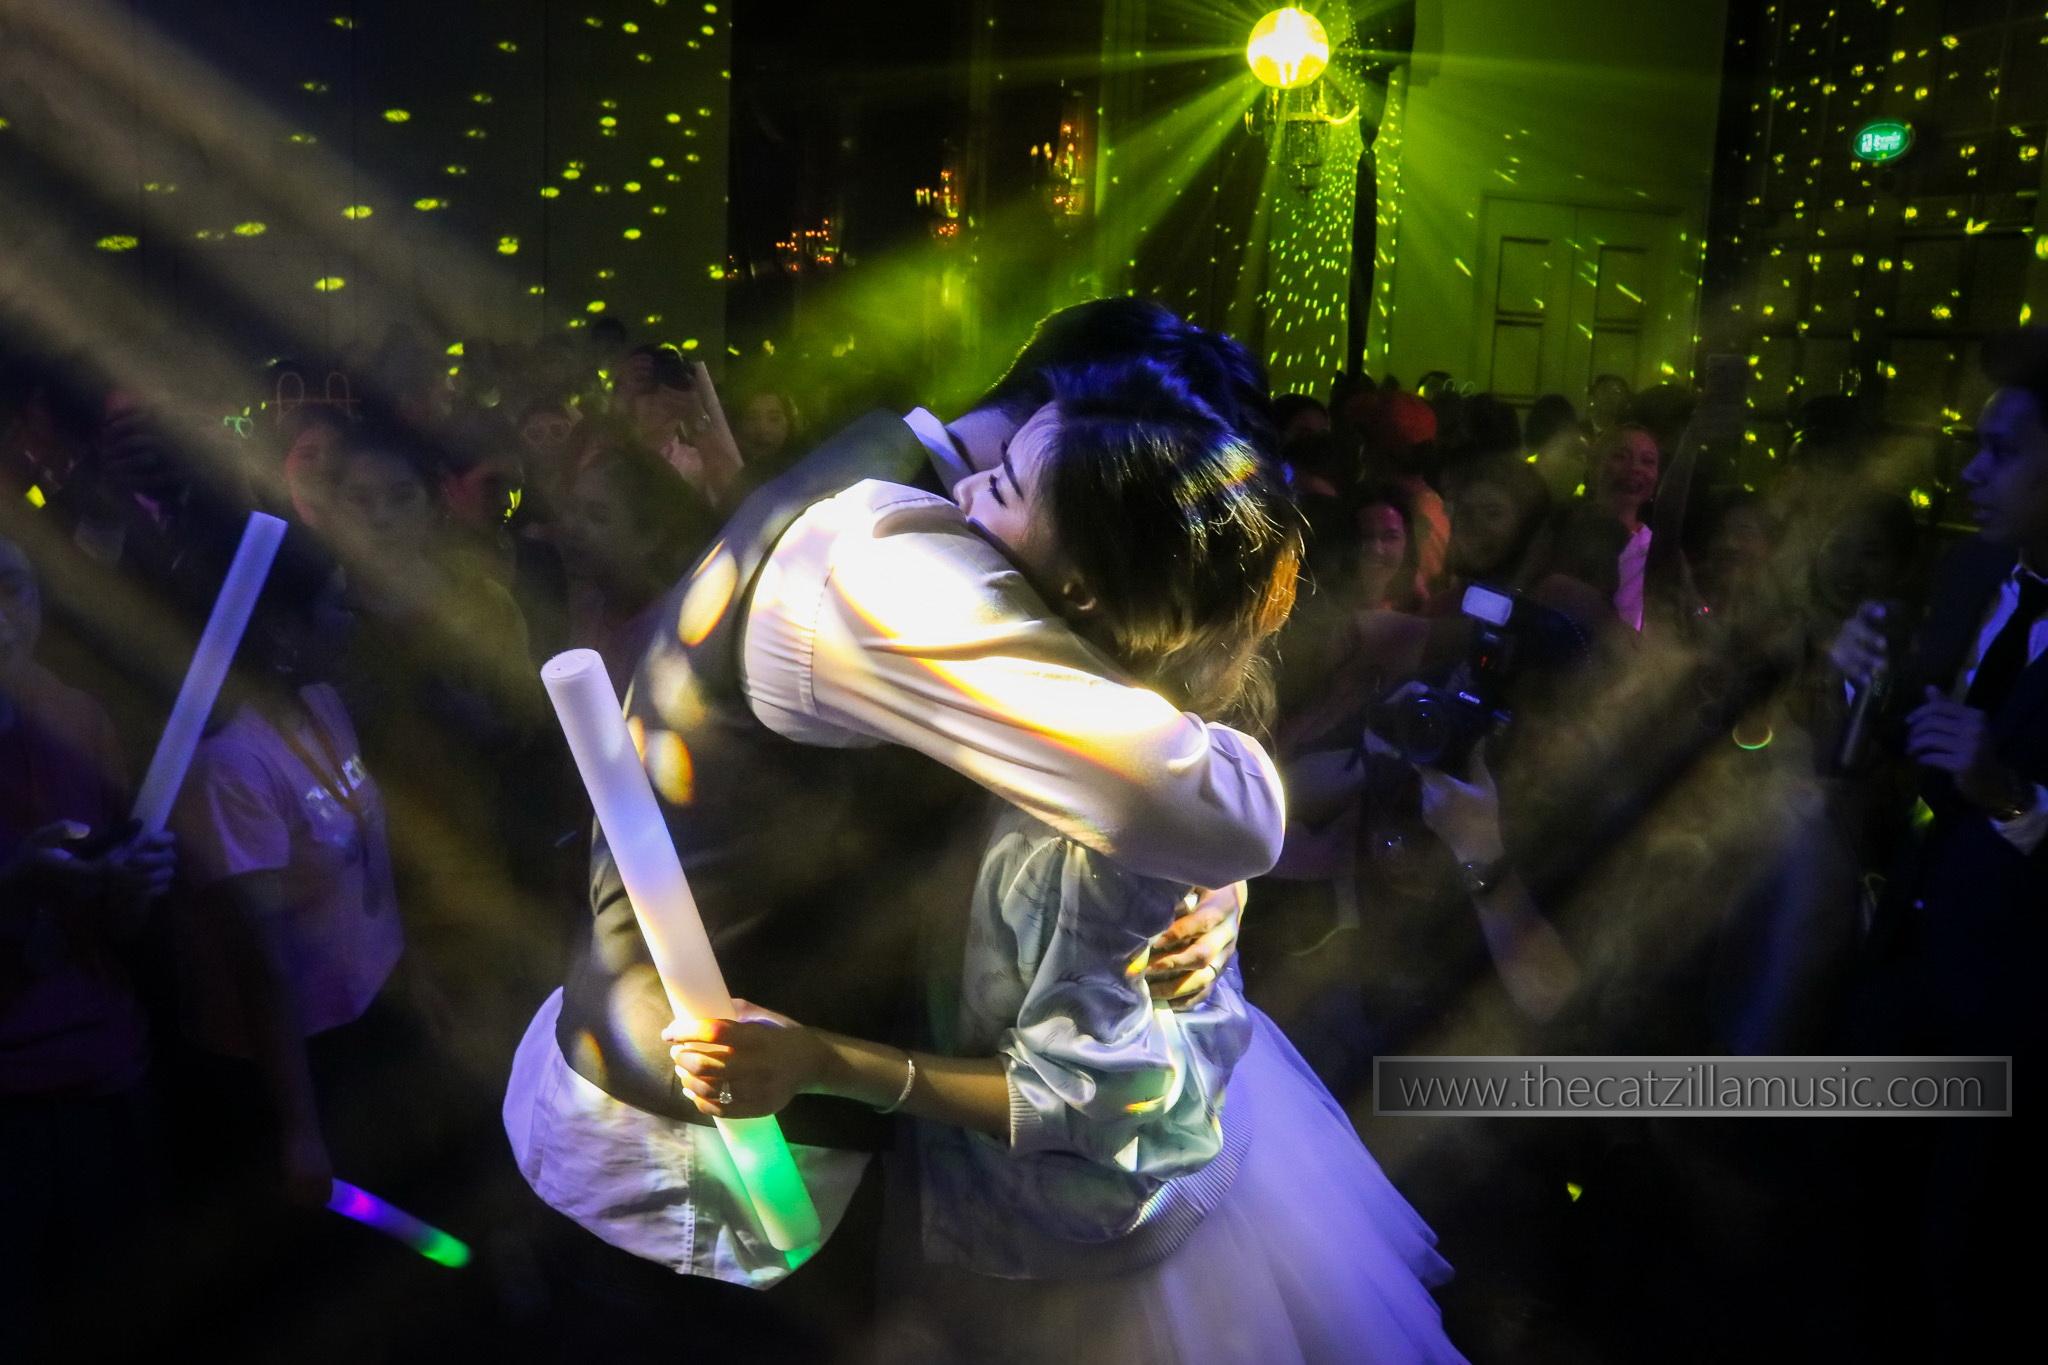 After-Party-Wedding-วงดนตรีสด-วงดนตรีงานเเต่งงาน-วงดนตรีงานเลี้ยง-บุ๋นแบนด์-ปาร์ตี้-วงดนตรี-after-party-Catzilla-วงดนตรี-งานเลี้ยง-ปีใหม่